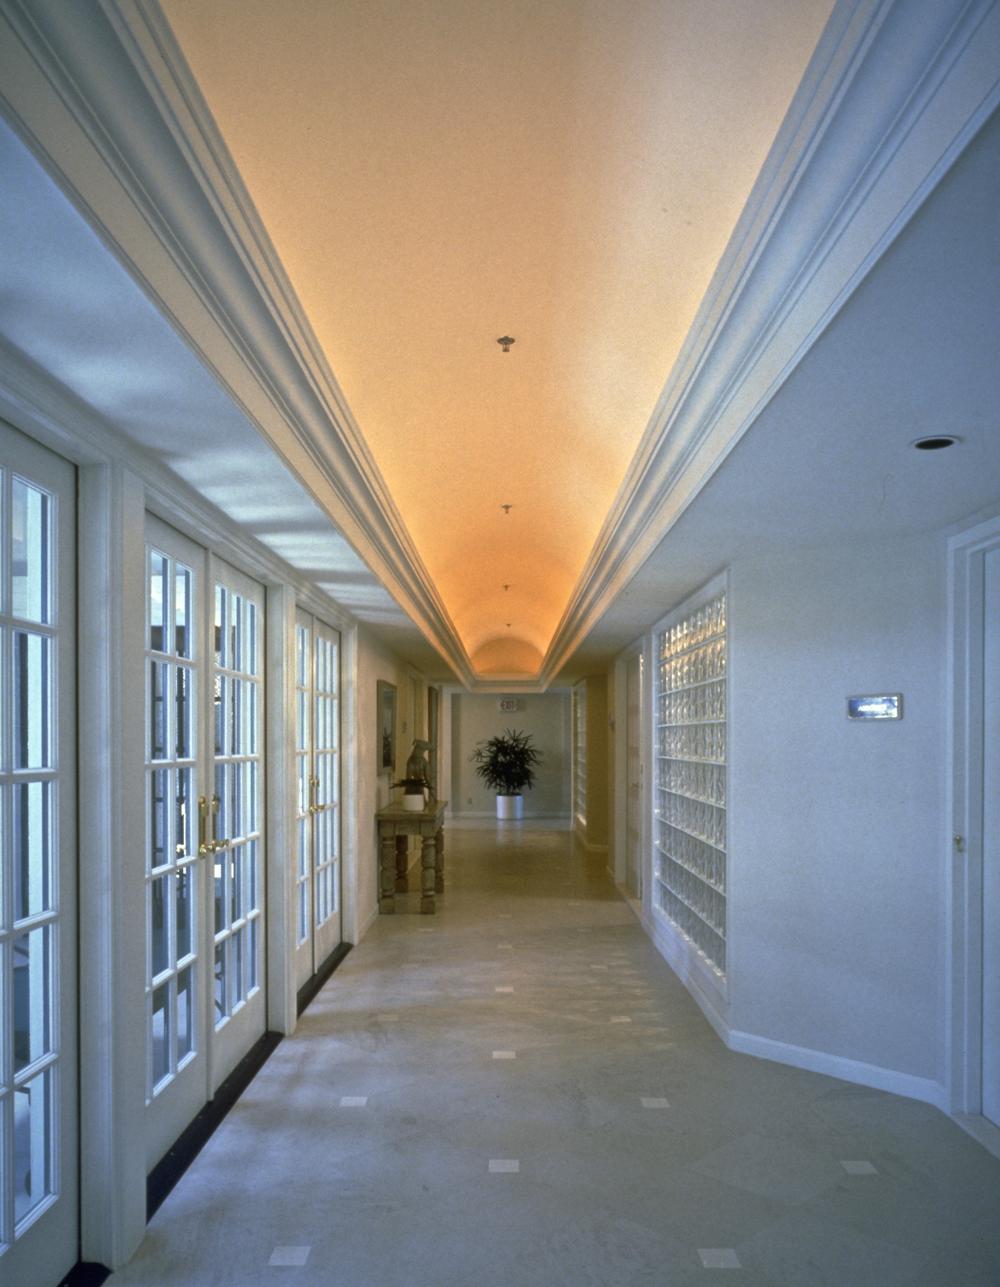 South Corridor